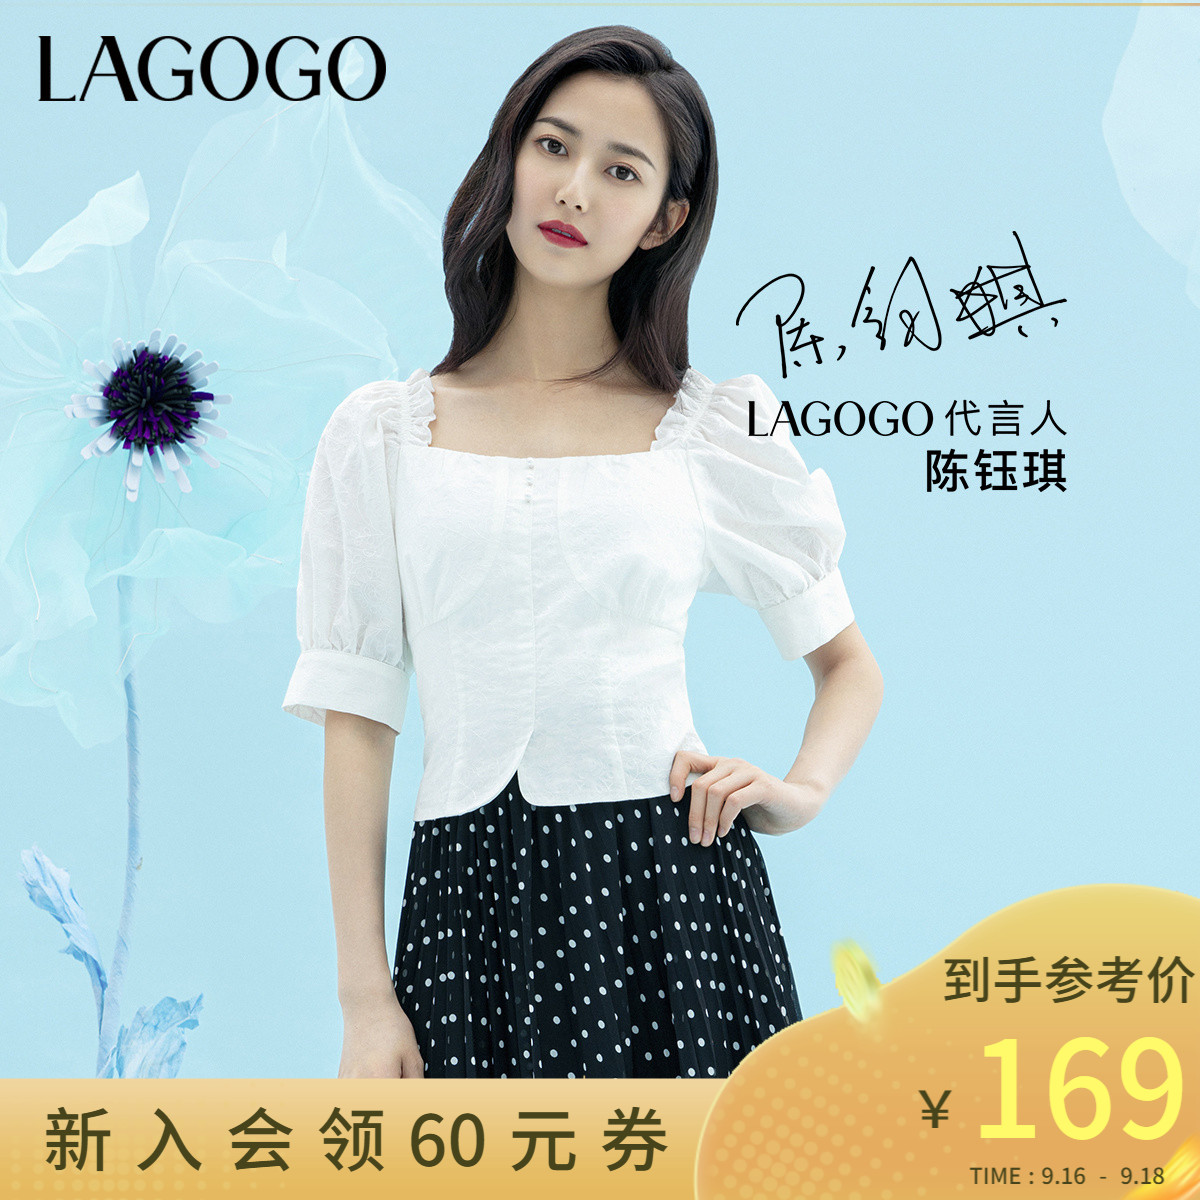 【陈钰琪同款】Lagogo拉谷谷2021年夏季新款翻领白色泡泡袖衬衫女